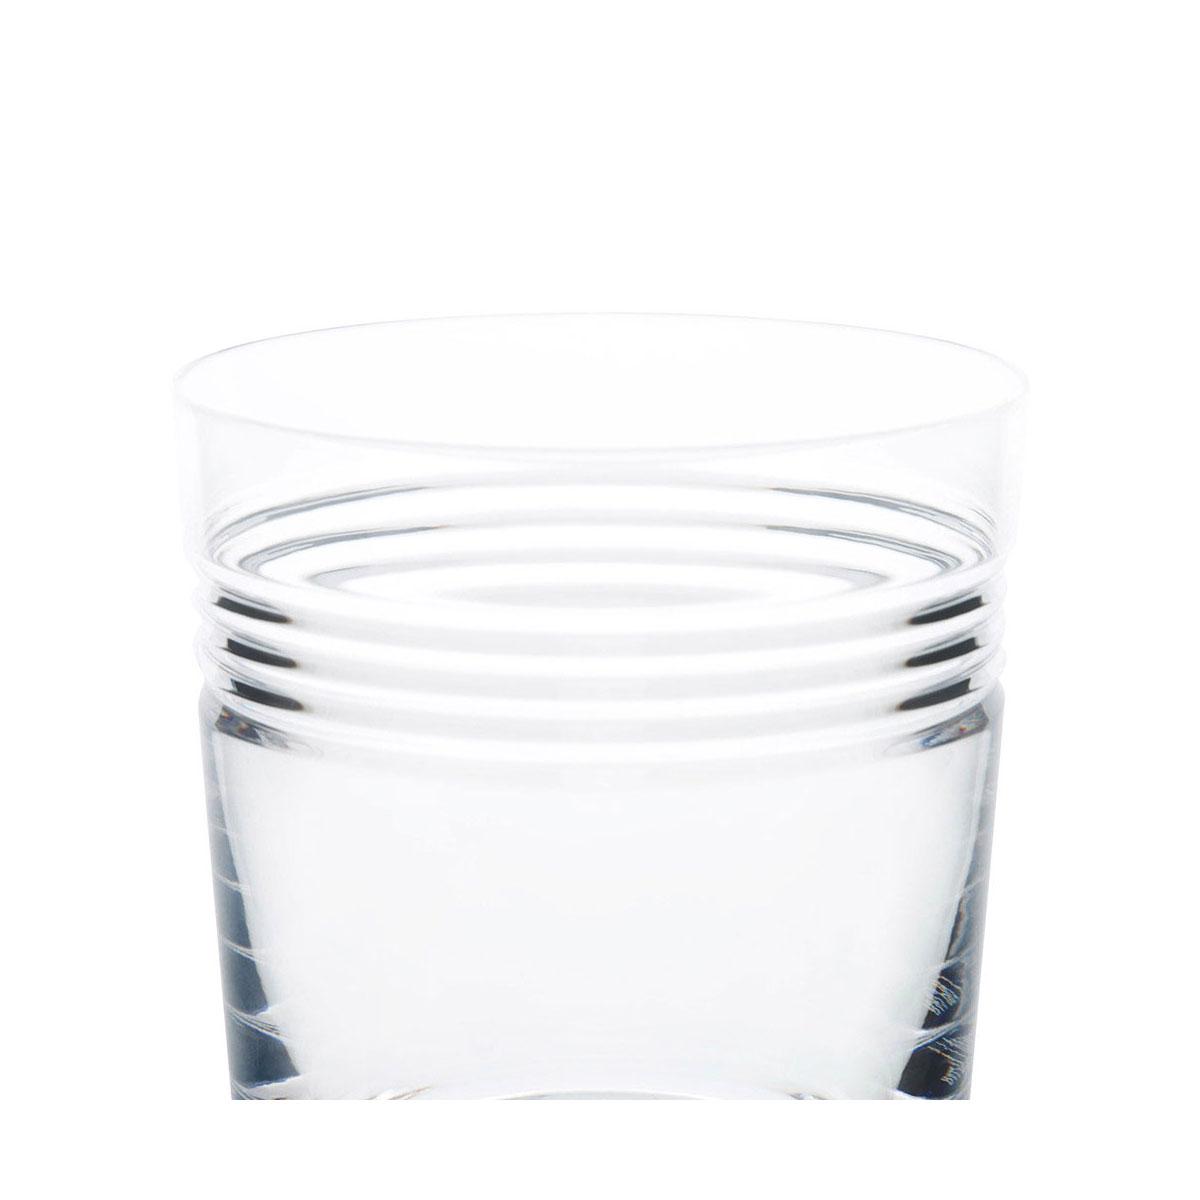 Ralph Lauren Bentley Crystal DOF Tumbler Glass, Single